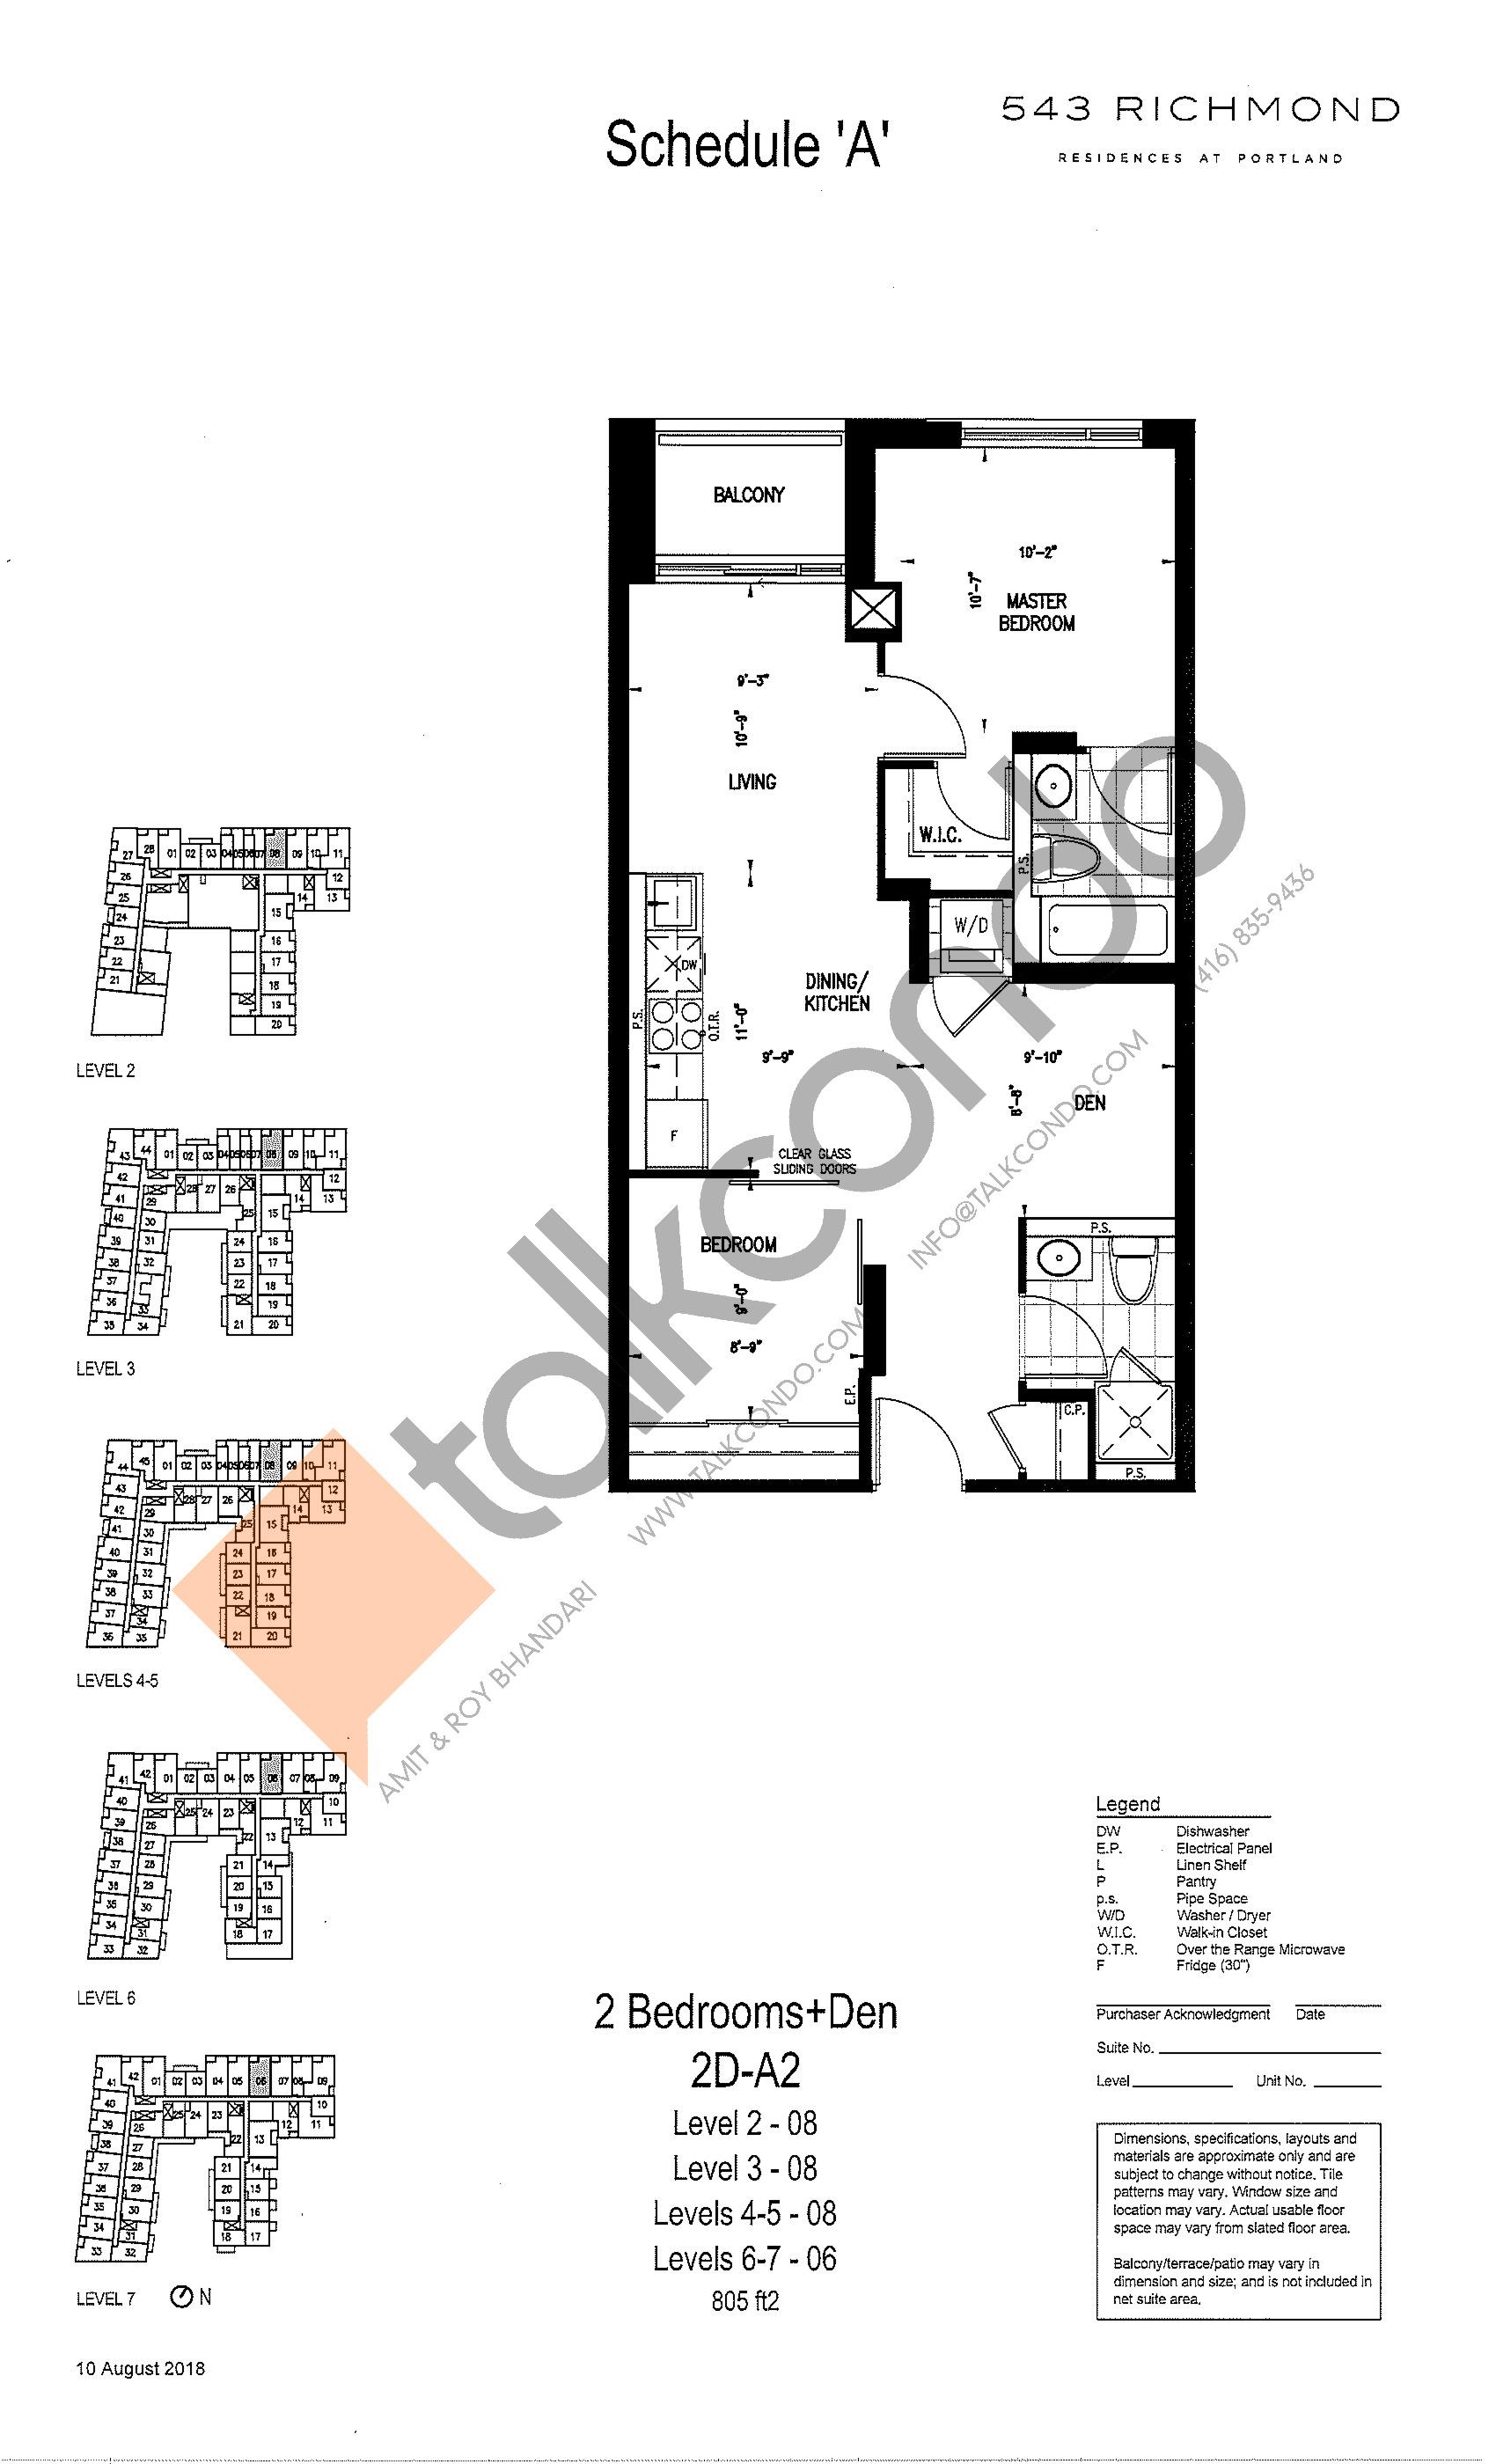 2D-A2 Floor Plan at 543 Richmond St Condos - 805 sq.ft